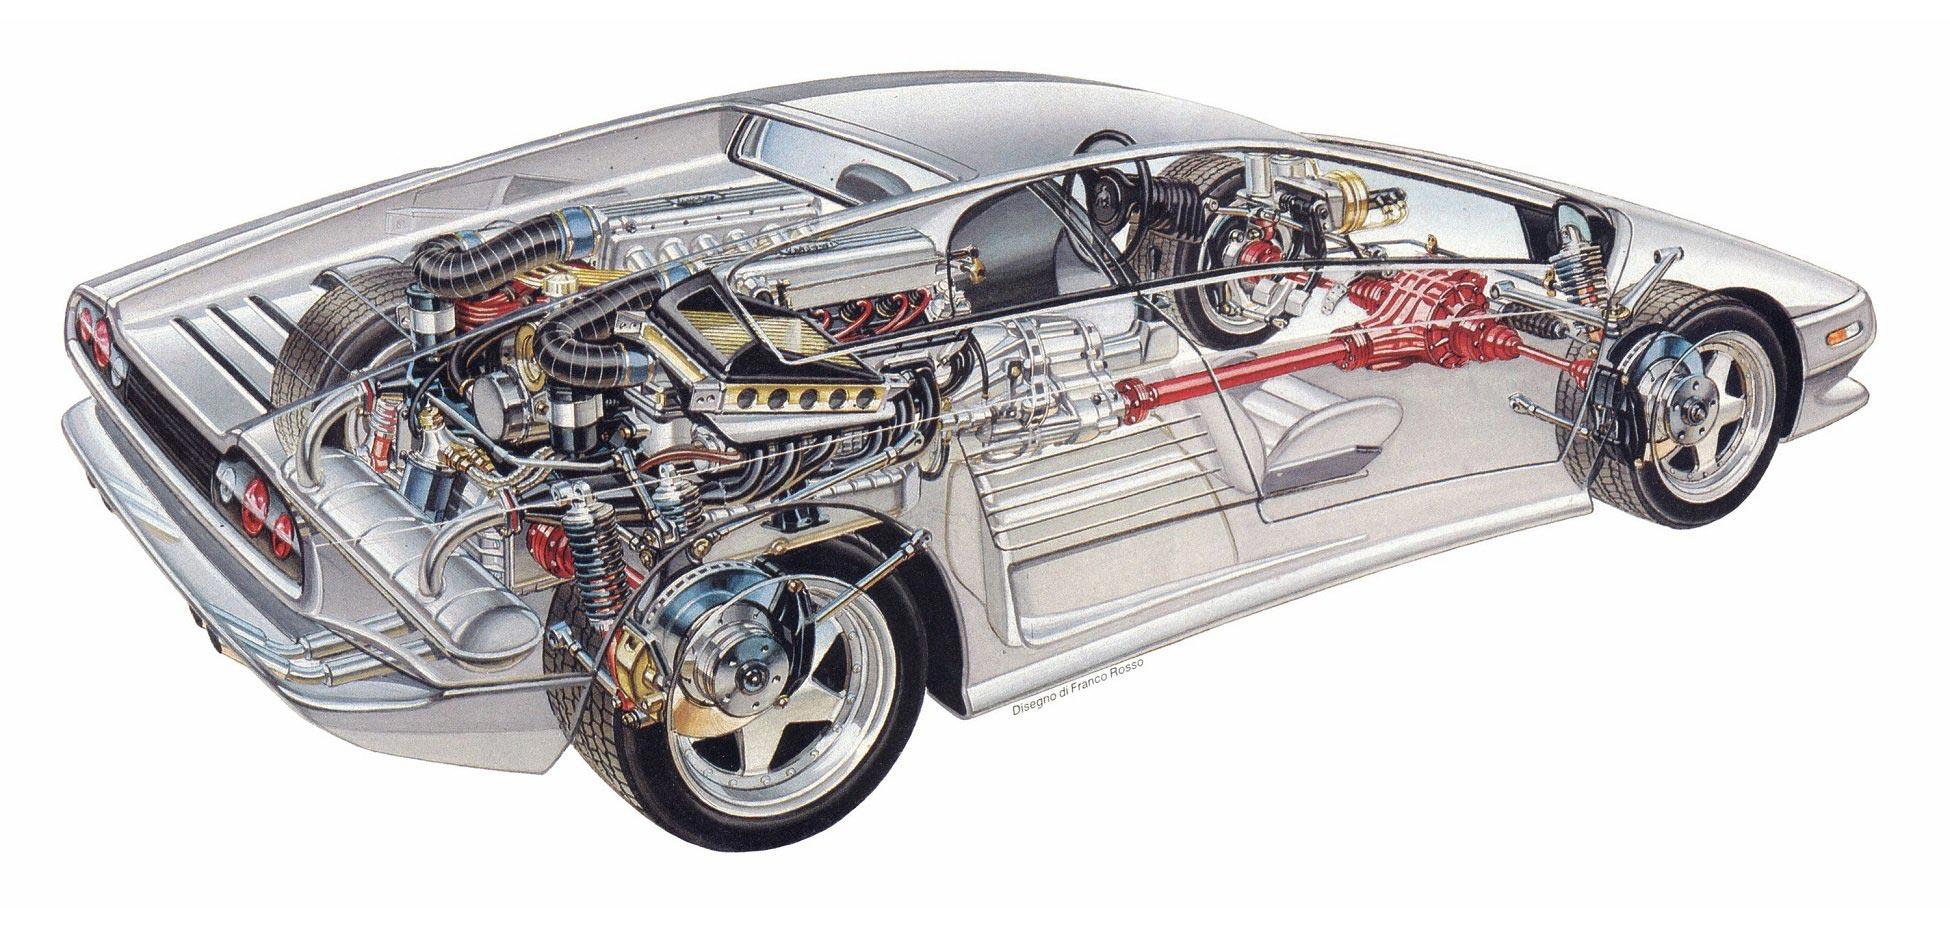 Lamborghini Diablo cutaway